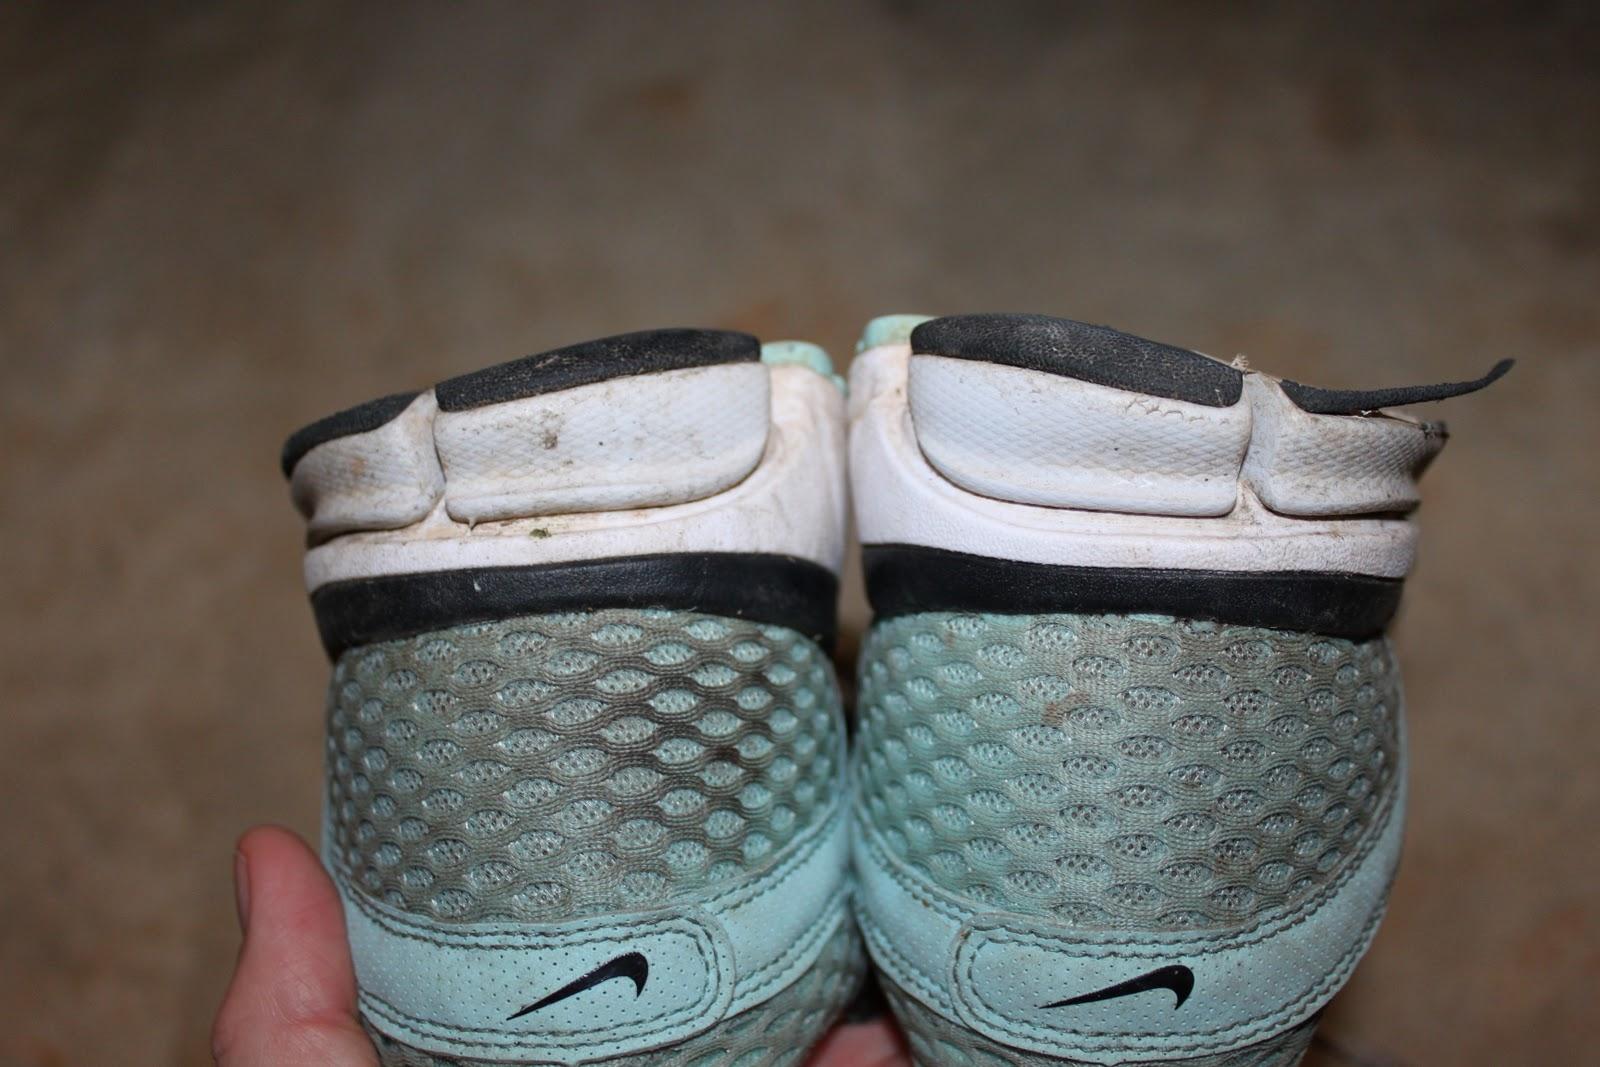 Running Shoe Tread Wear Patterns